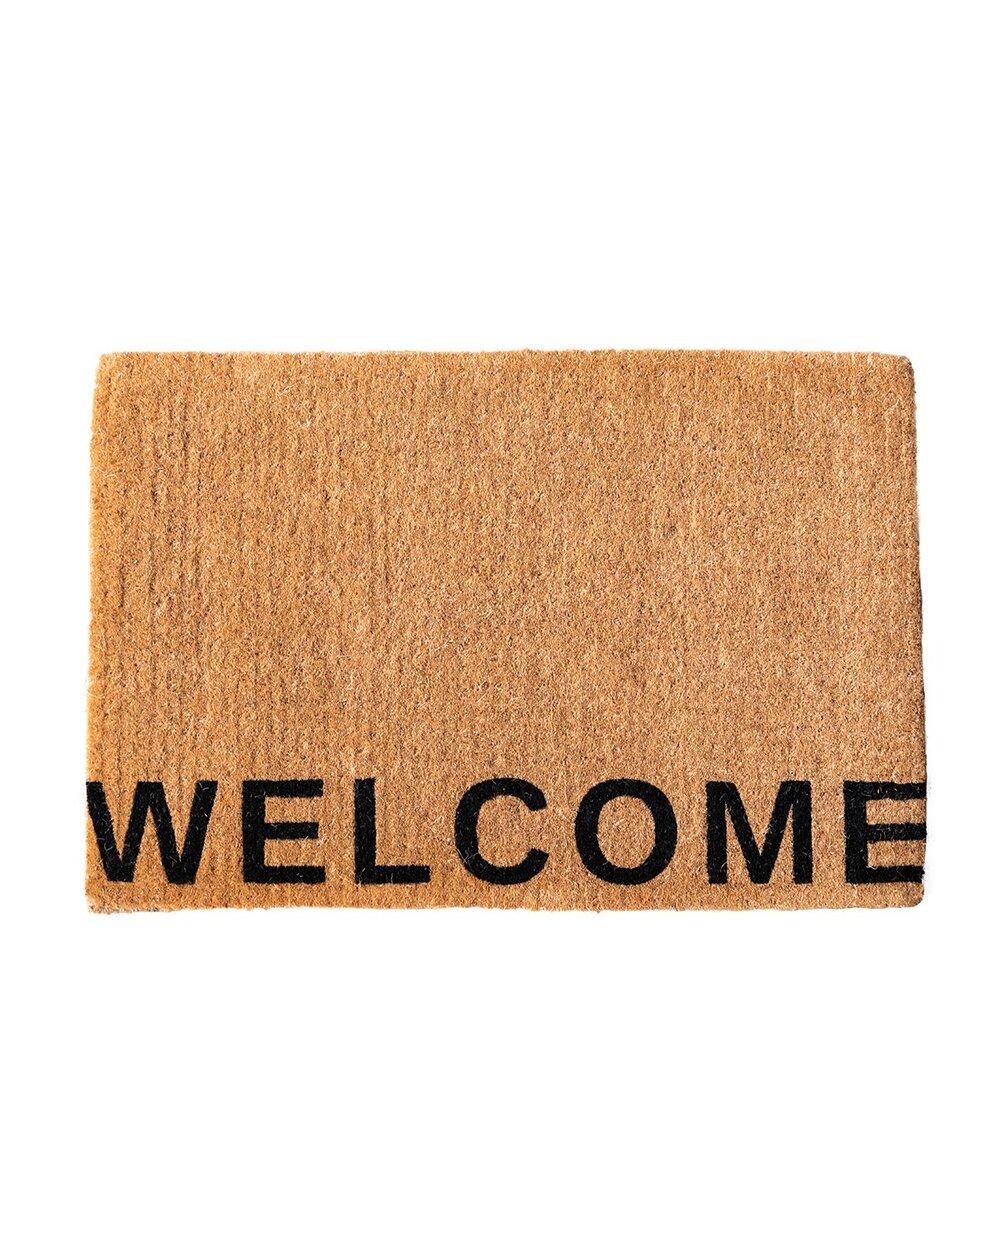 WelcomeEdgeDoormat.jpg